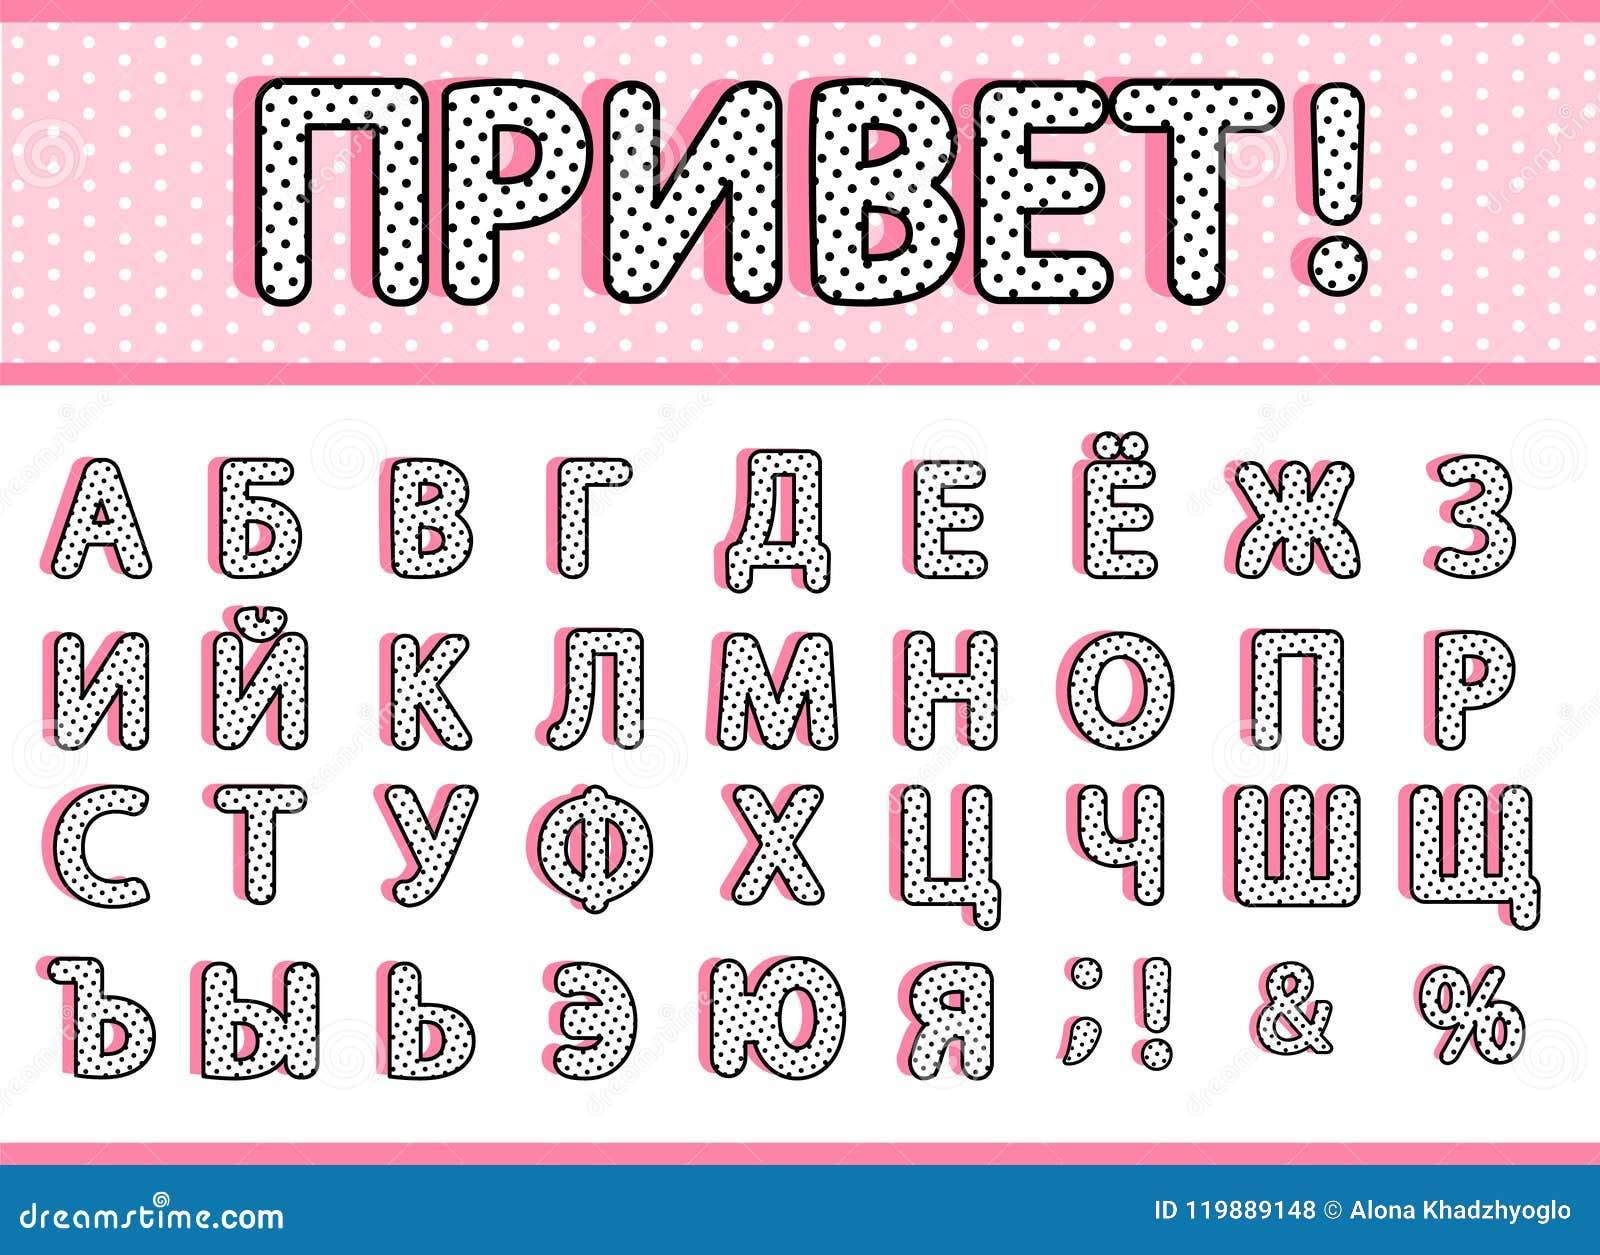 Russisches Wort, welches Mittel-` HI! ` Kyrillisches russisches Alphabet Schwarze Tupfenbuchstaben eingestellt